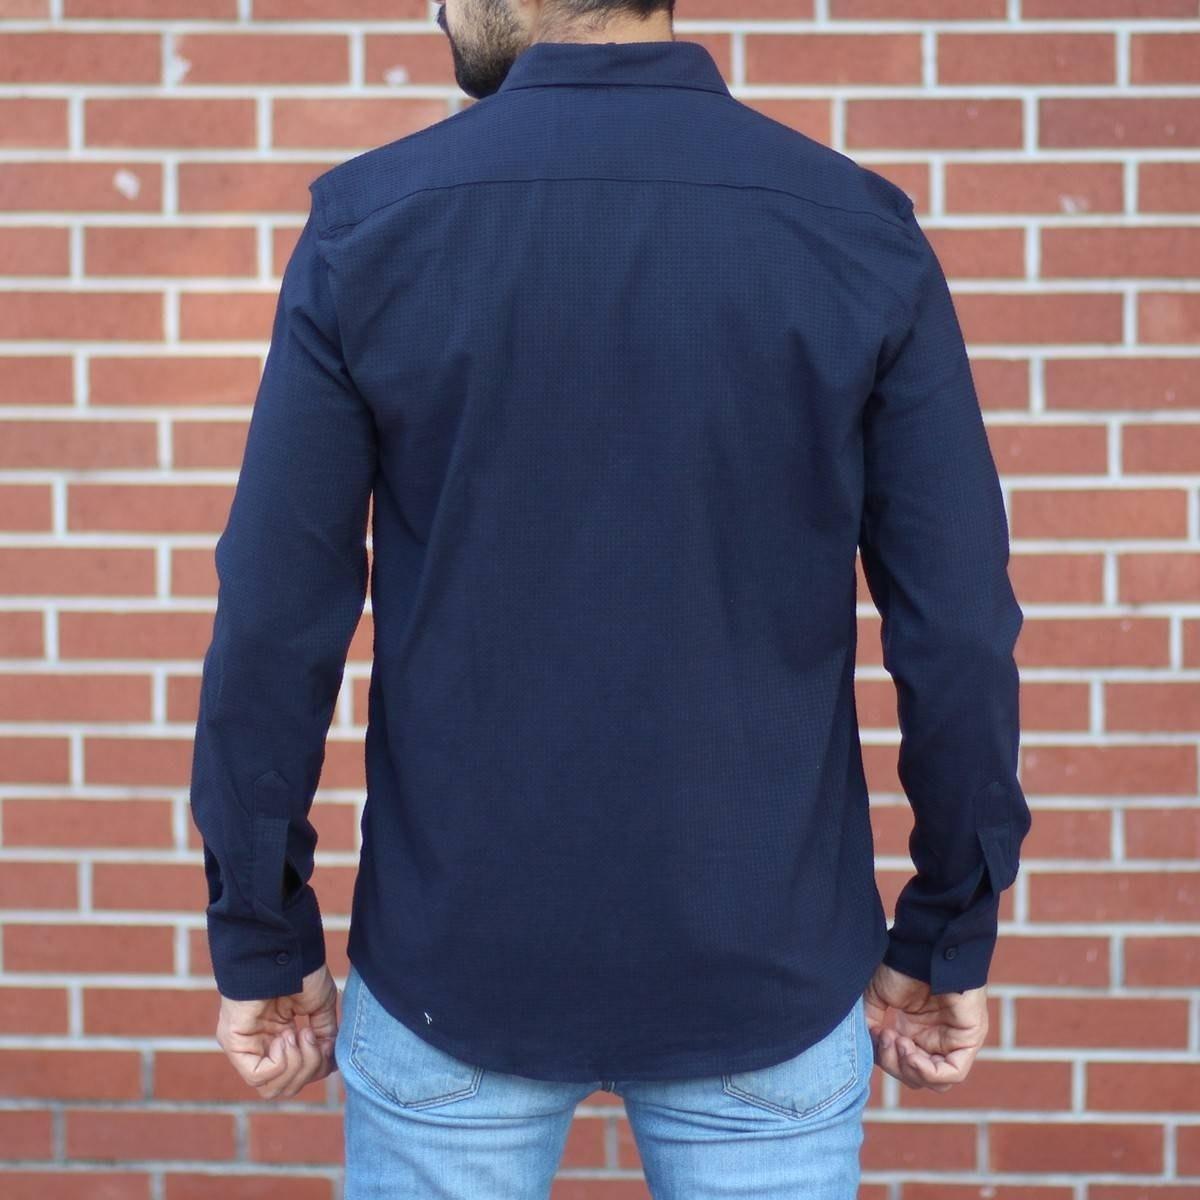 Men's Stylish Lycra Shirt In Navy Blue Mv Premium Brand - 2